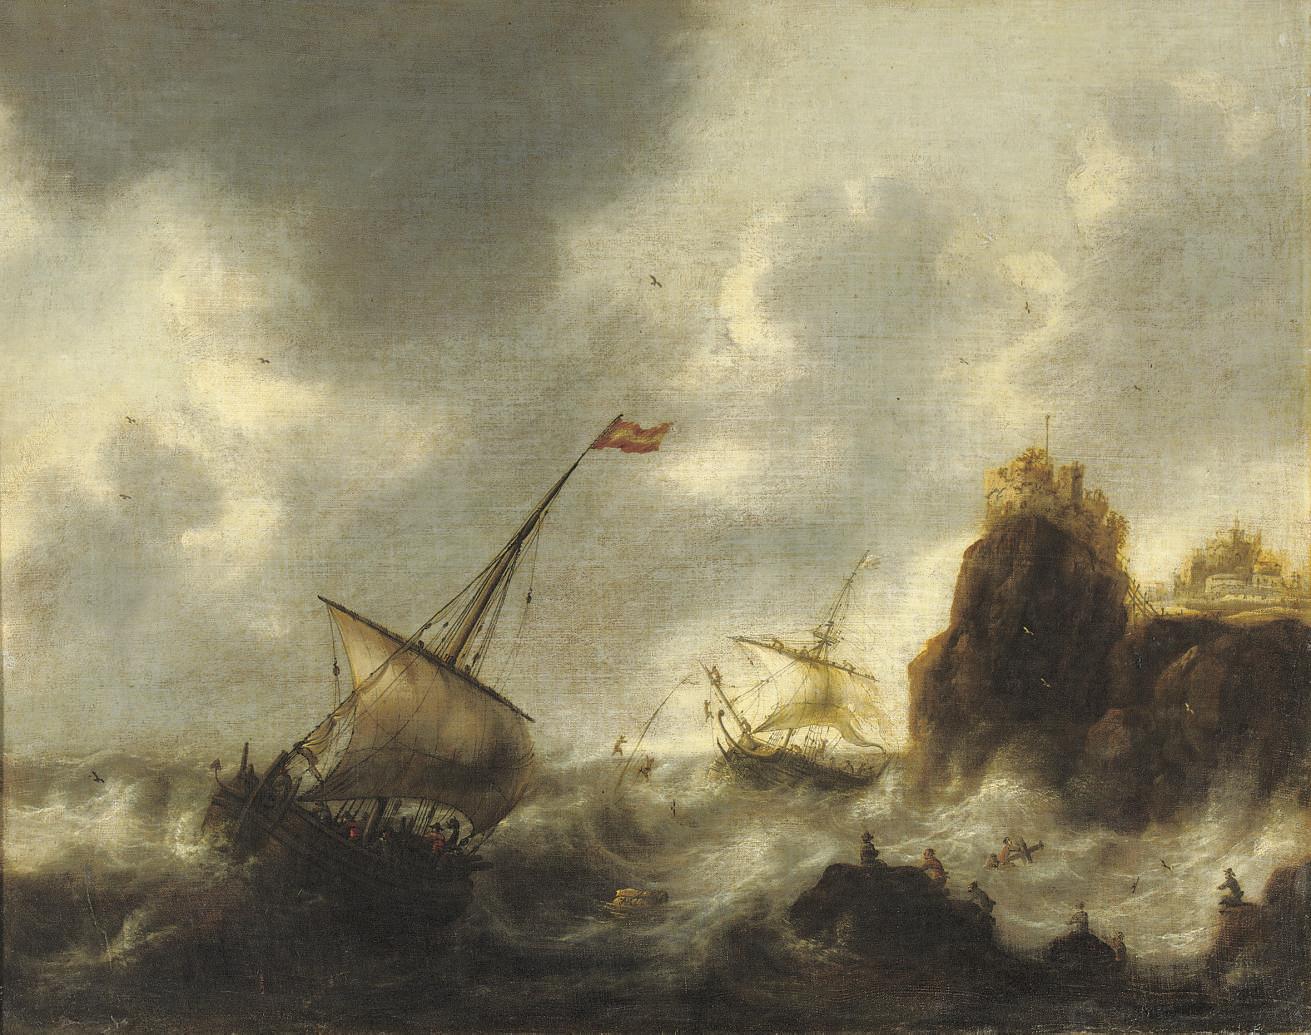 Sailing vessels in distress near a rocky coast